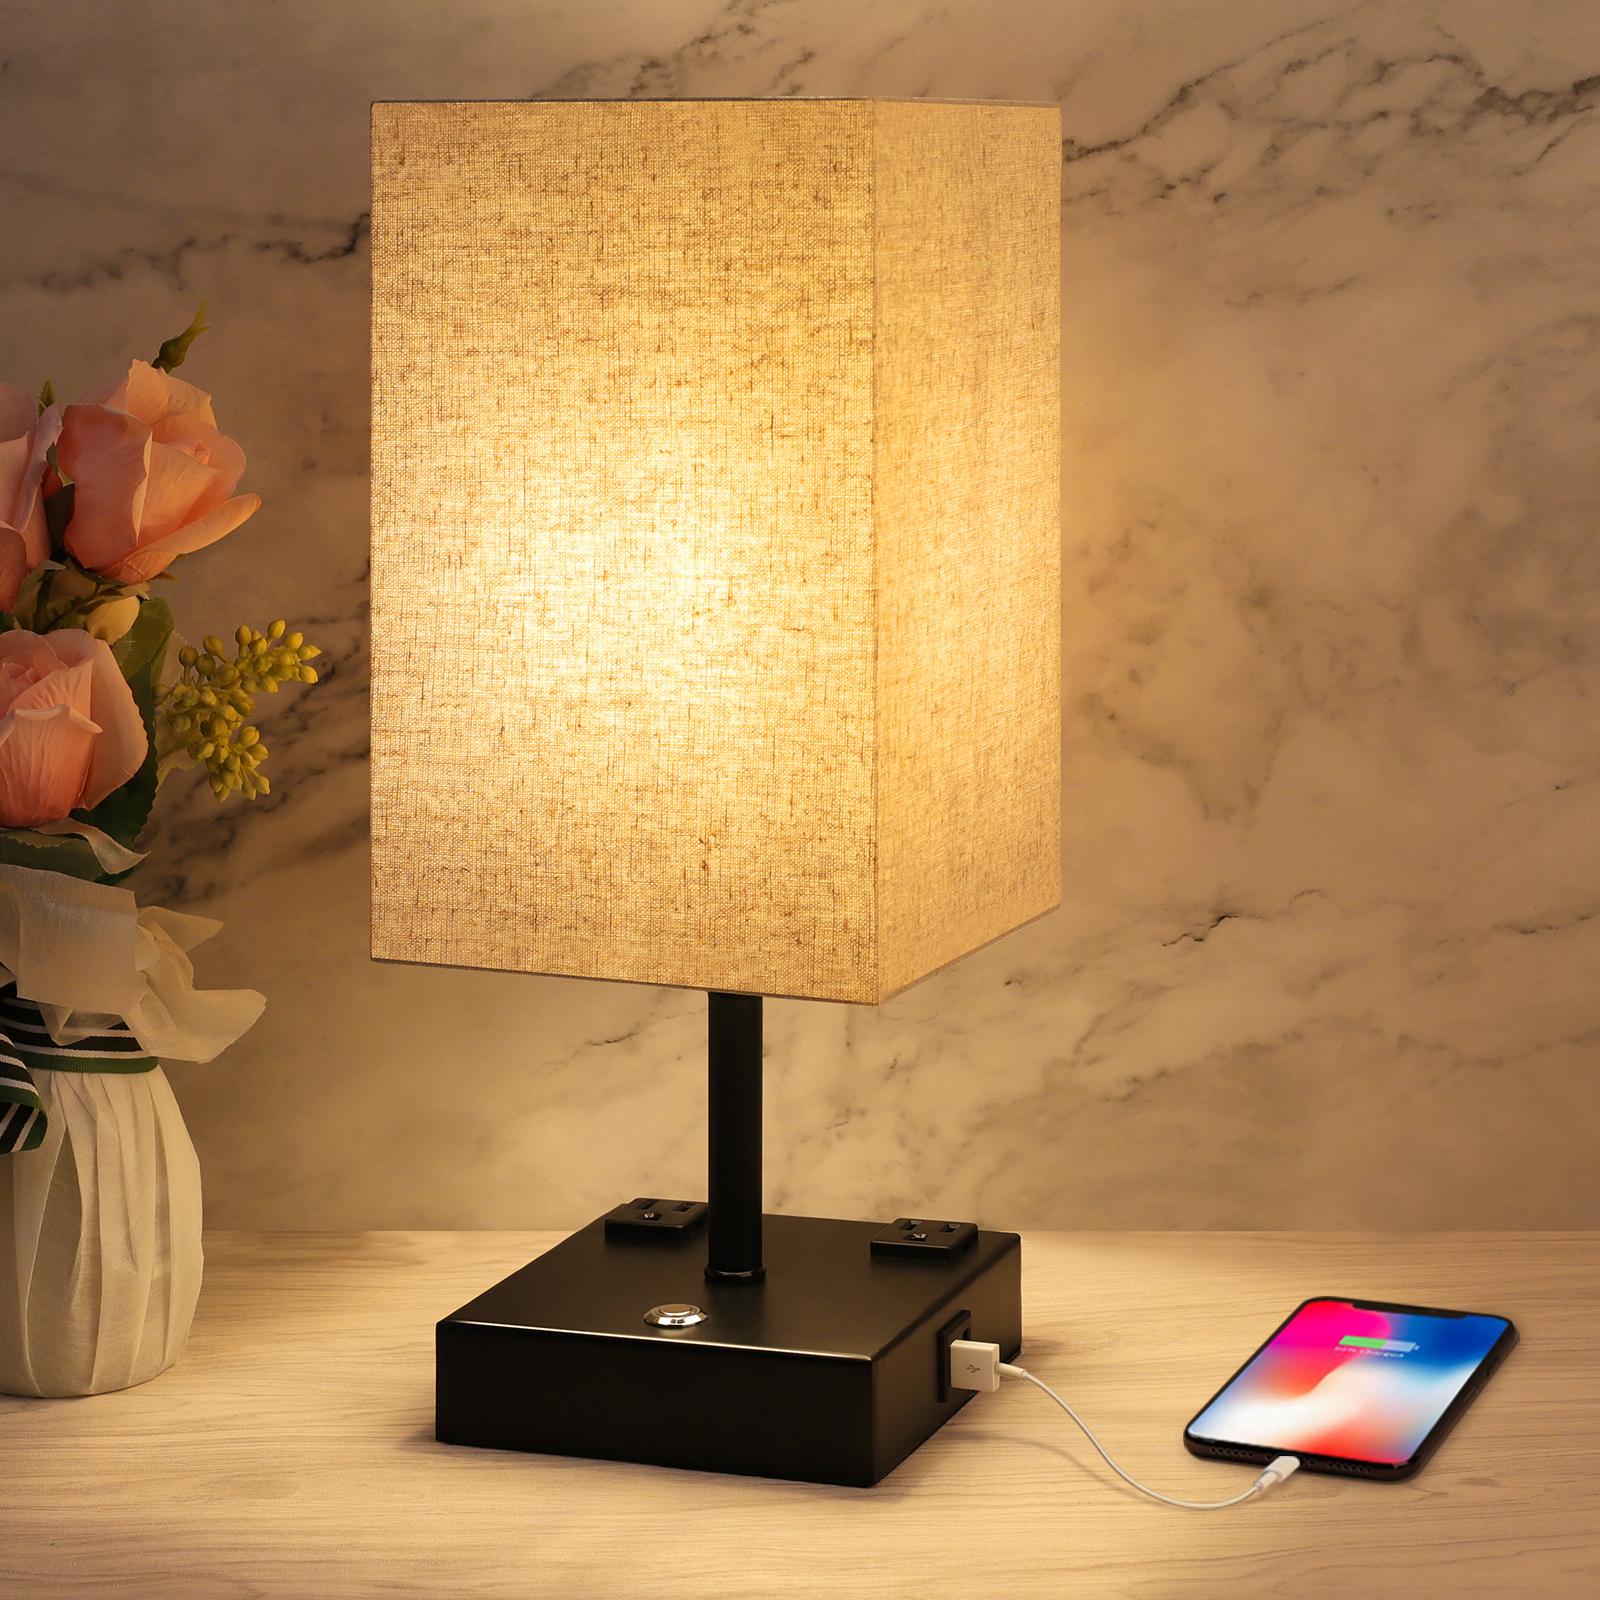 Настольная лампа Touch, 3 Прикроватная лампа Way Dimmable Touch Lamp с 2 USB зарядка порты и 2 AC Outlets, Современные лампы для прикроватной тумбочки Лампа для спальни для спальни, гостиной, читального кабинета, Светодиодные лампы в комплекте